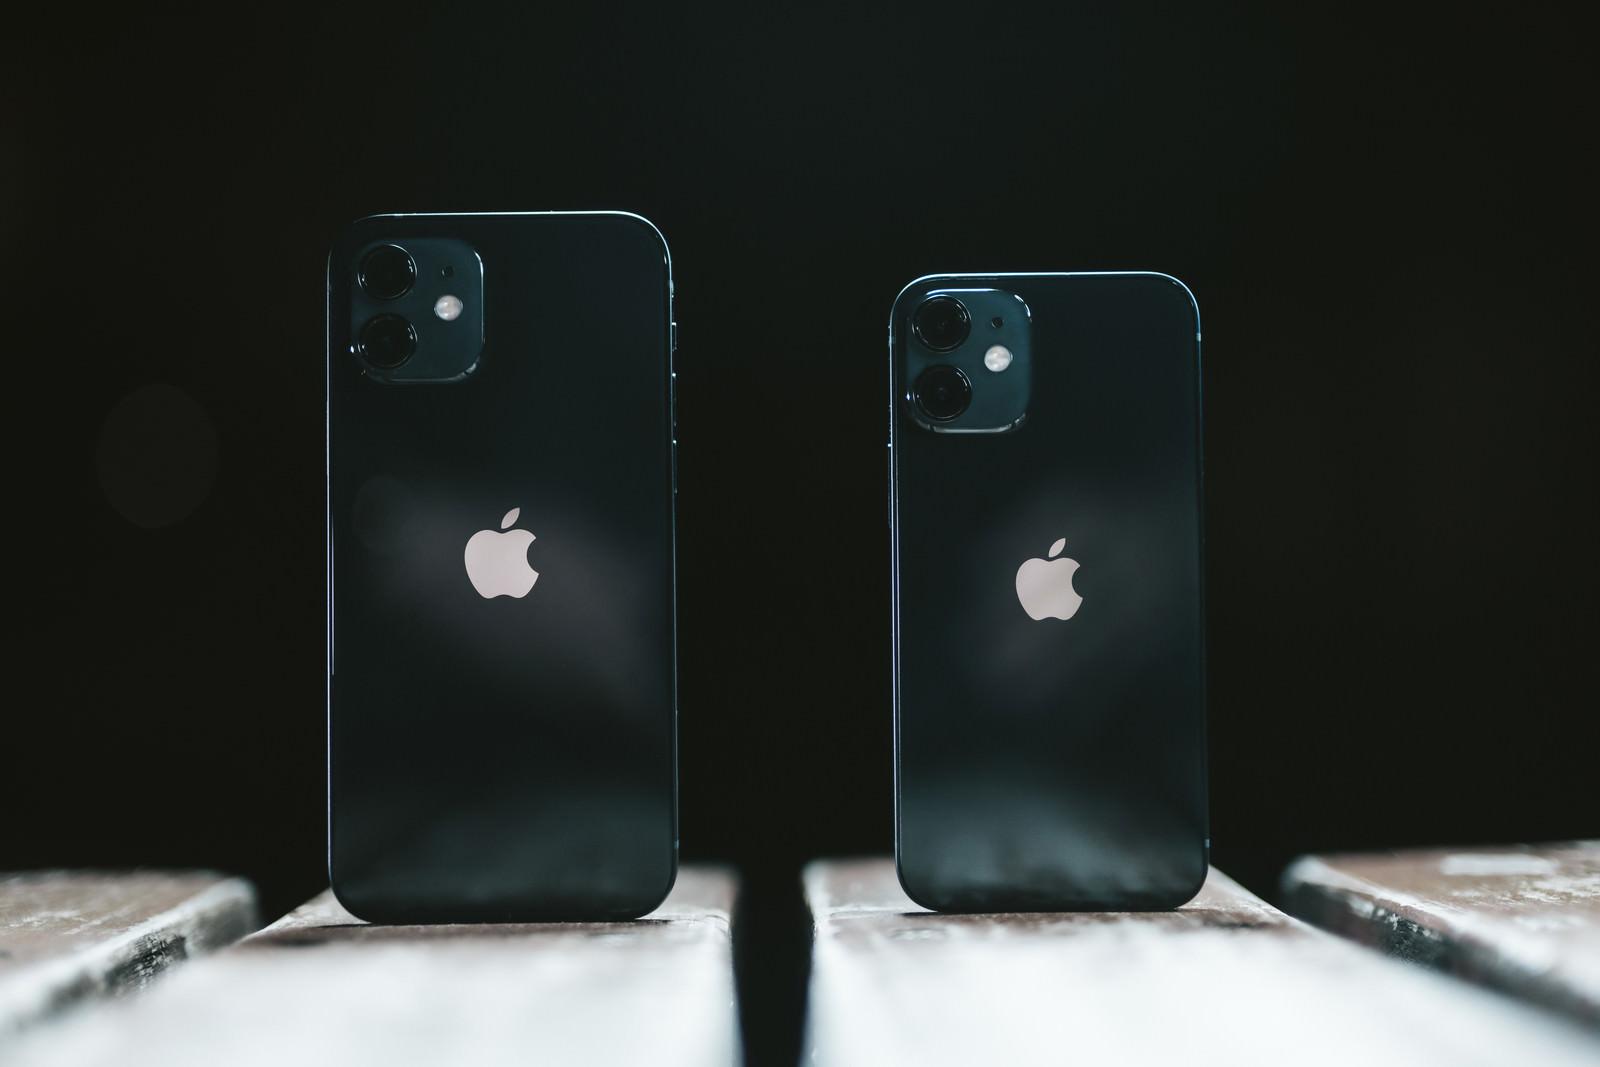 「iPhone 12(無印) と iPhone 12 mini を比べる」の写真